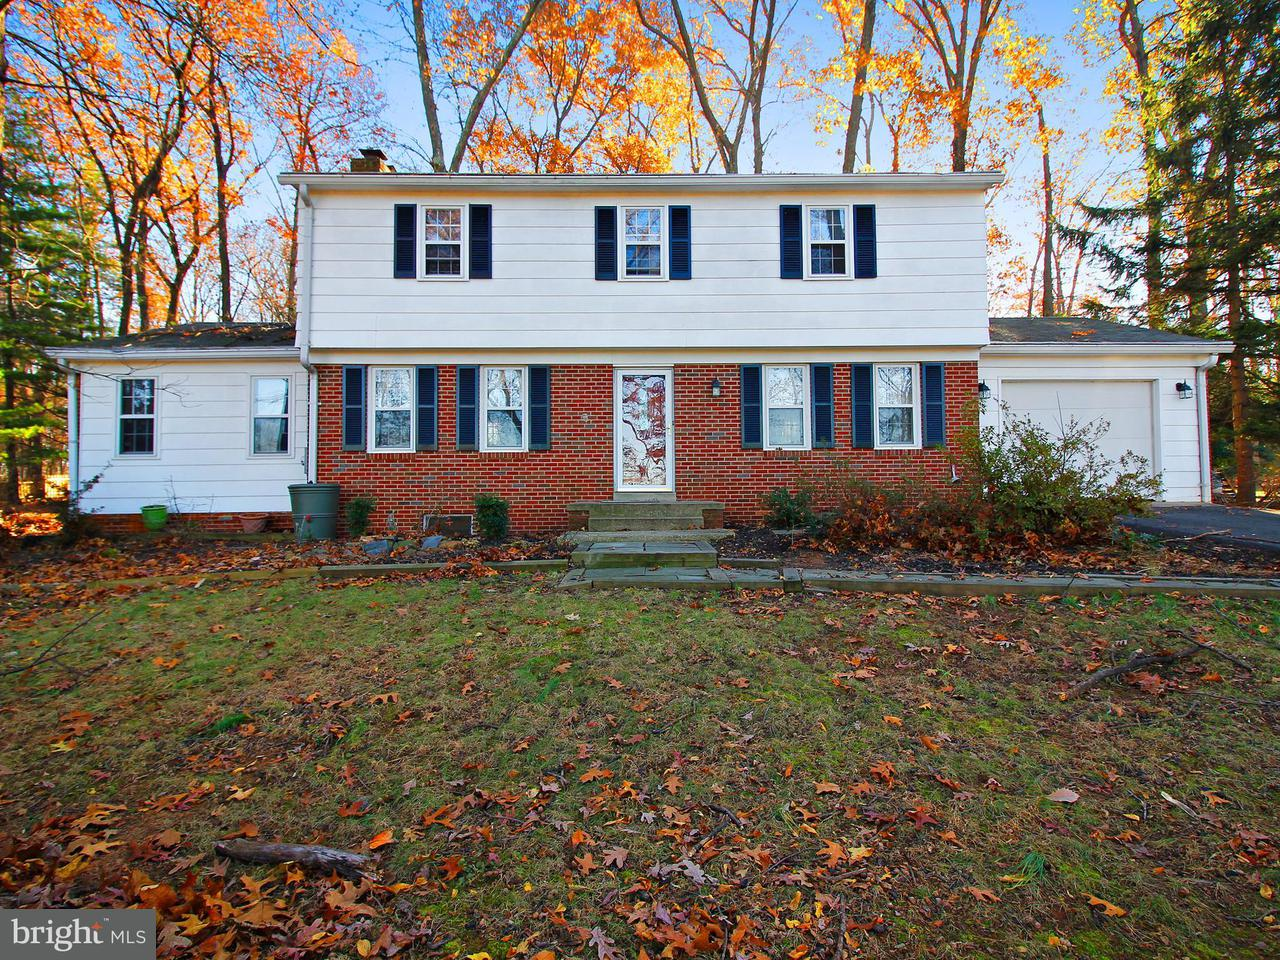 一戸建て のために 売買 アット 18909 Muncaster Road 18909 Muncaster Road Derwood, メリーランド 20855 アメリカ合衆国